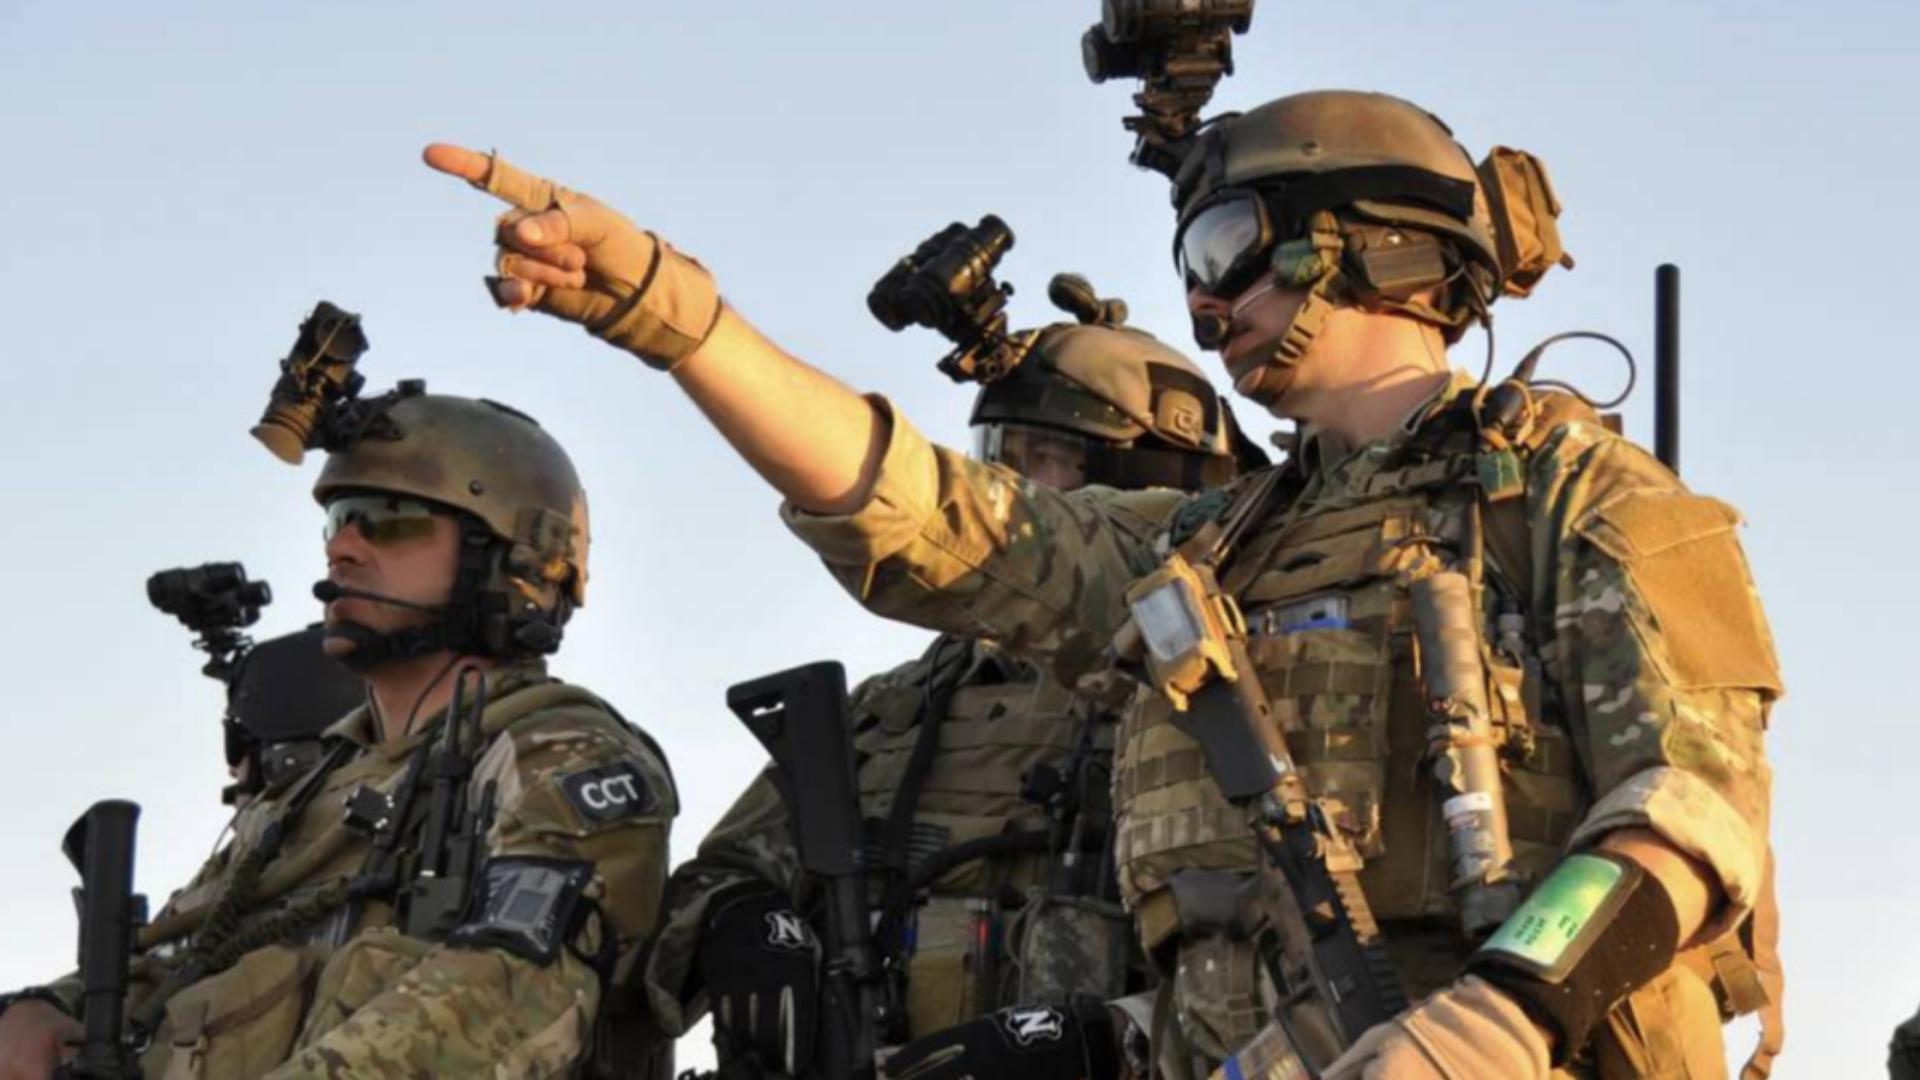 军容涣散只靠装备?美军士兵真的是一群少爷兵吗?真相是这样的